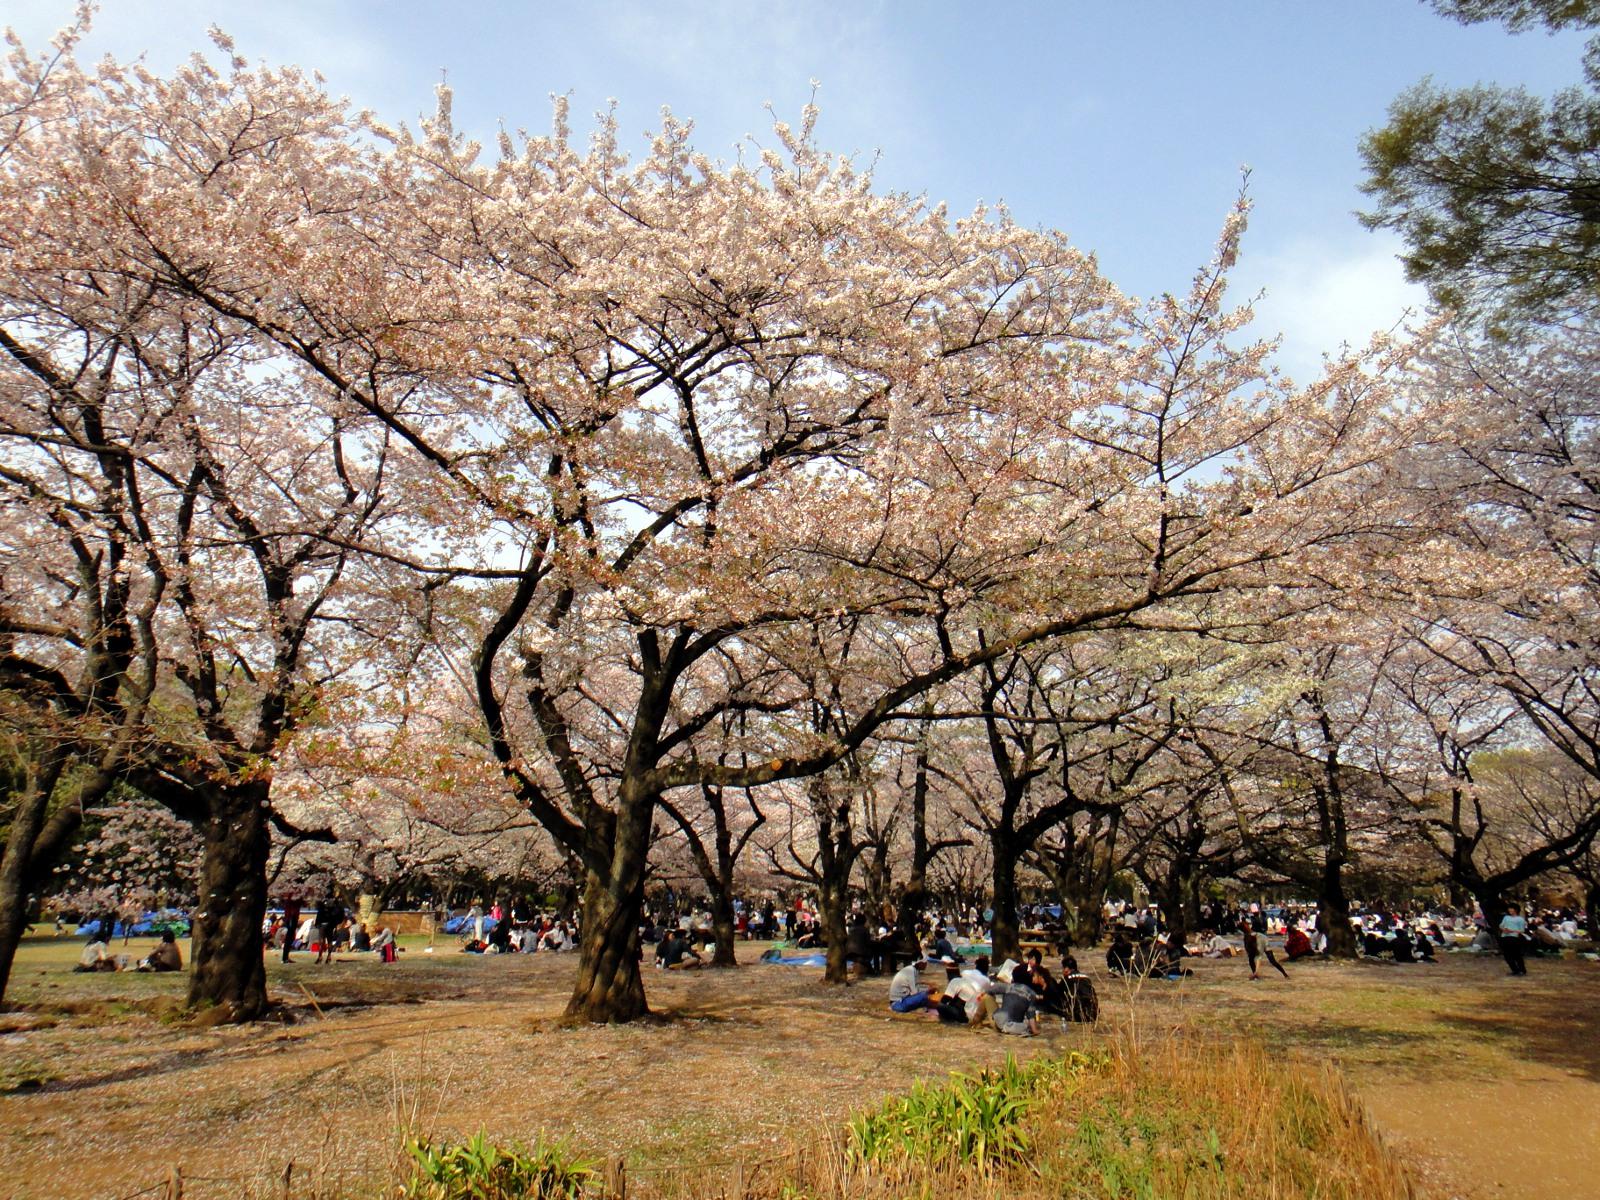 そろそろお花見バーベキューの段取りを。大阪市内で可能な場所、あります。